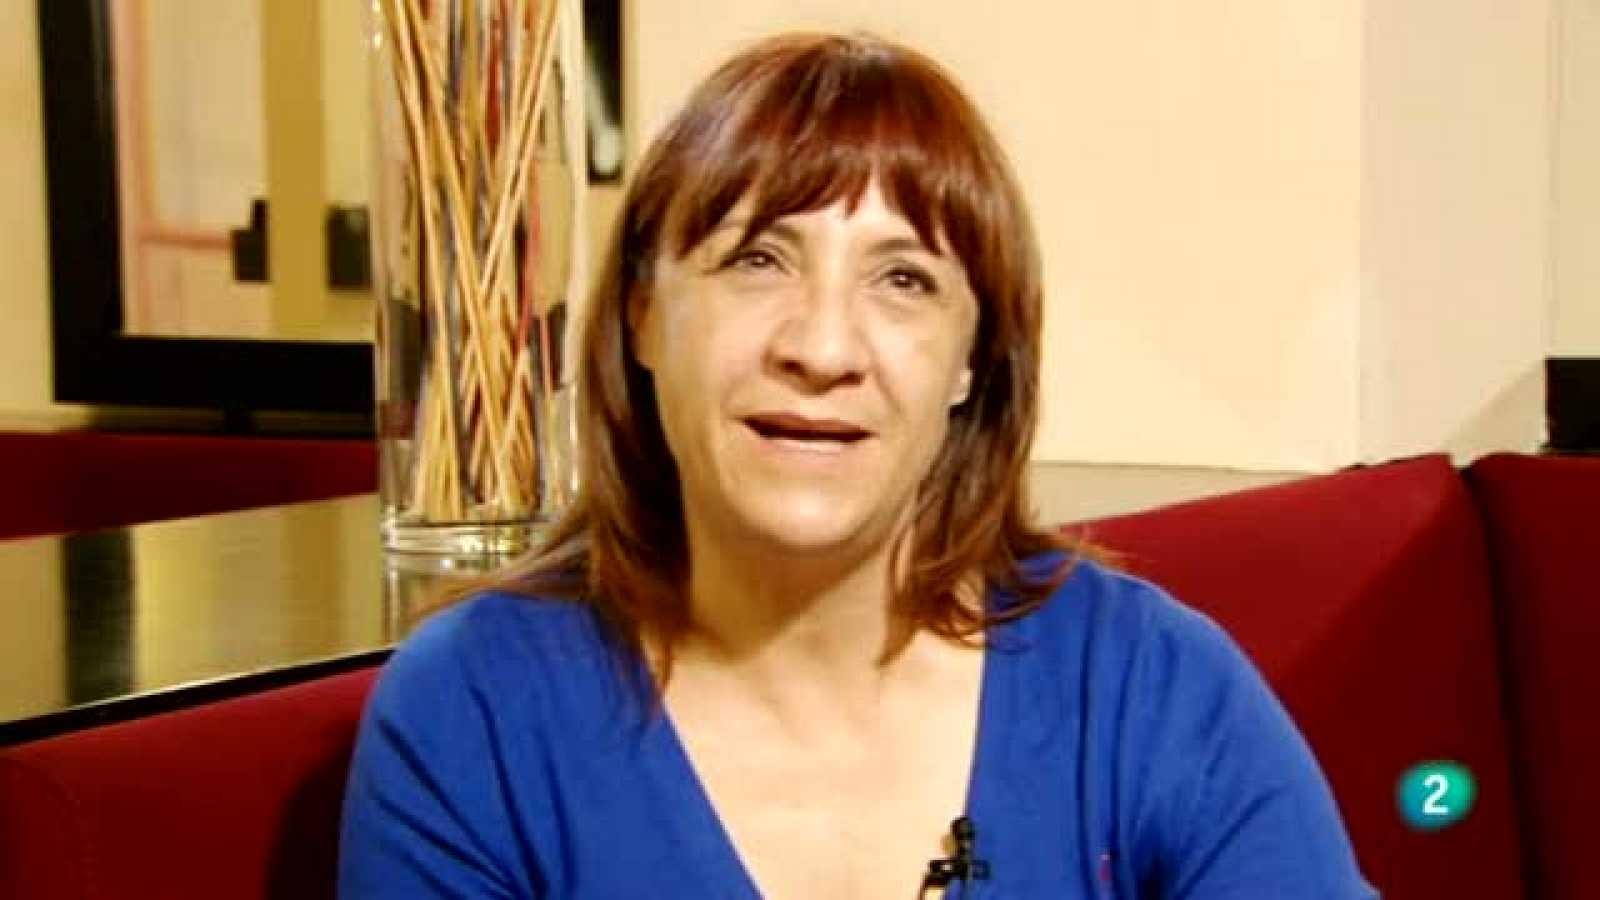 Miradas 2 - Blanca Portillo